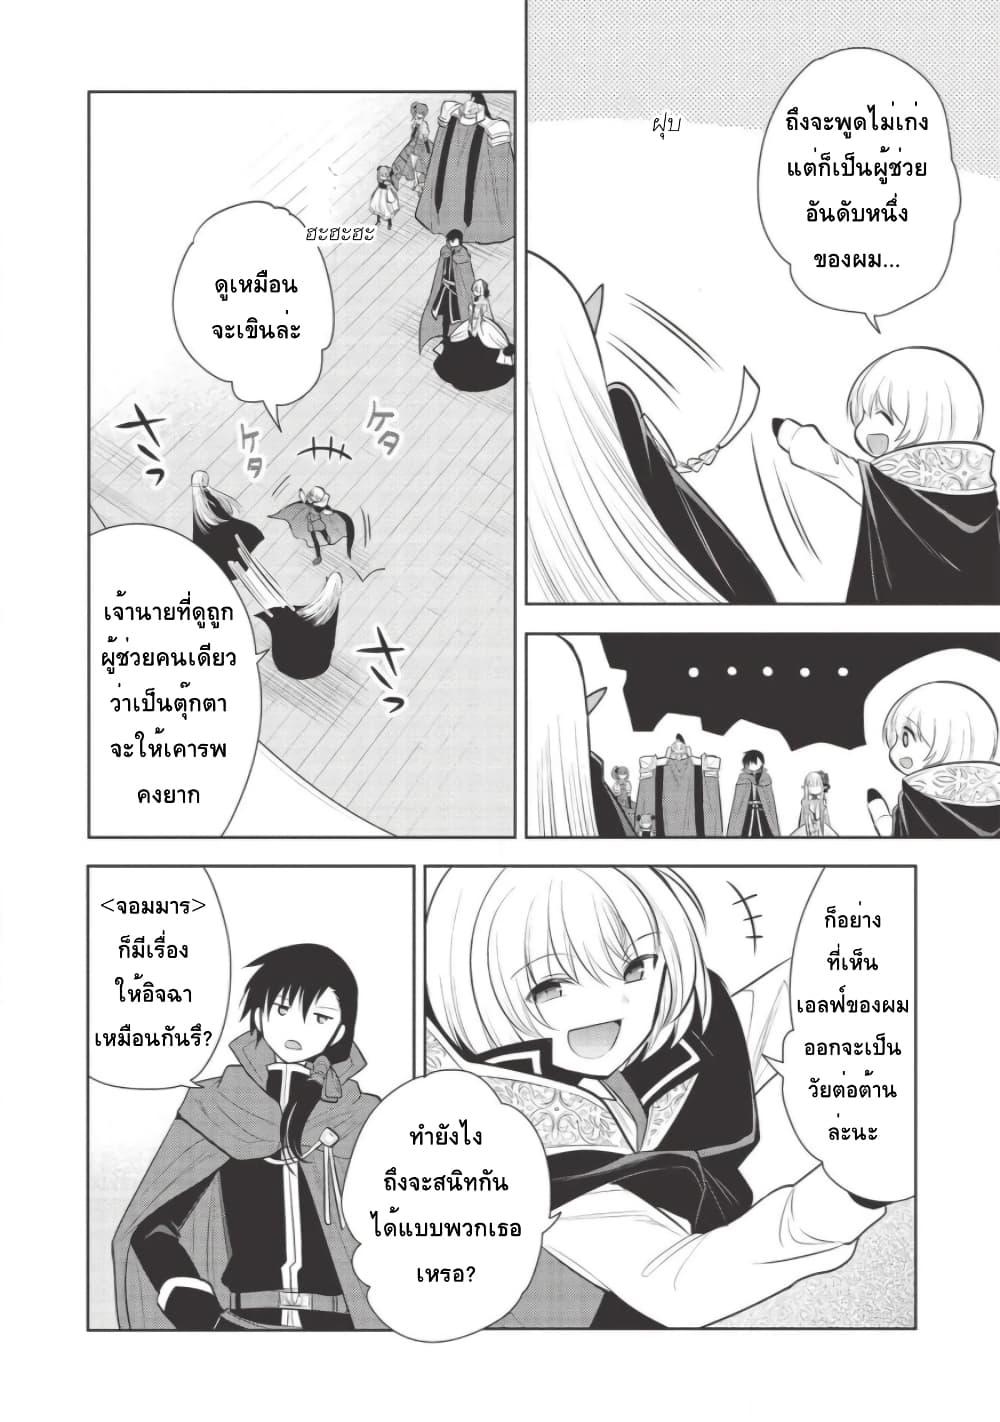 อ่านการ์ตูน Maou no Ore ga Dorei Elf wo Yome ni Shitanda ga Dou Medereba Ii ตอนที่ 30 หน้าที่ 8